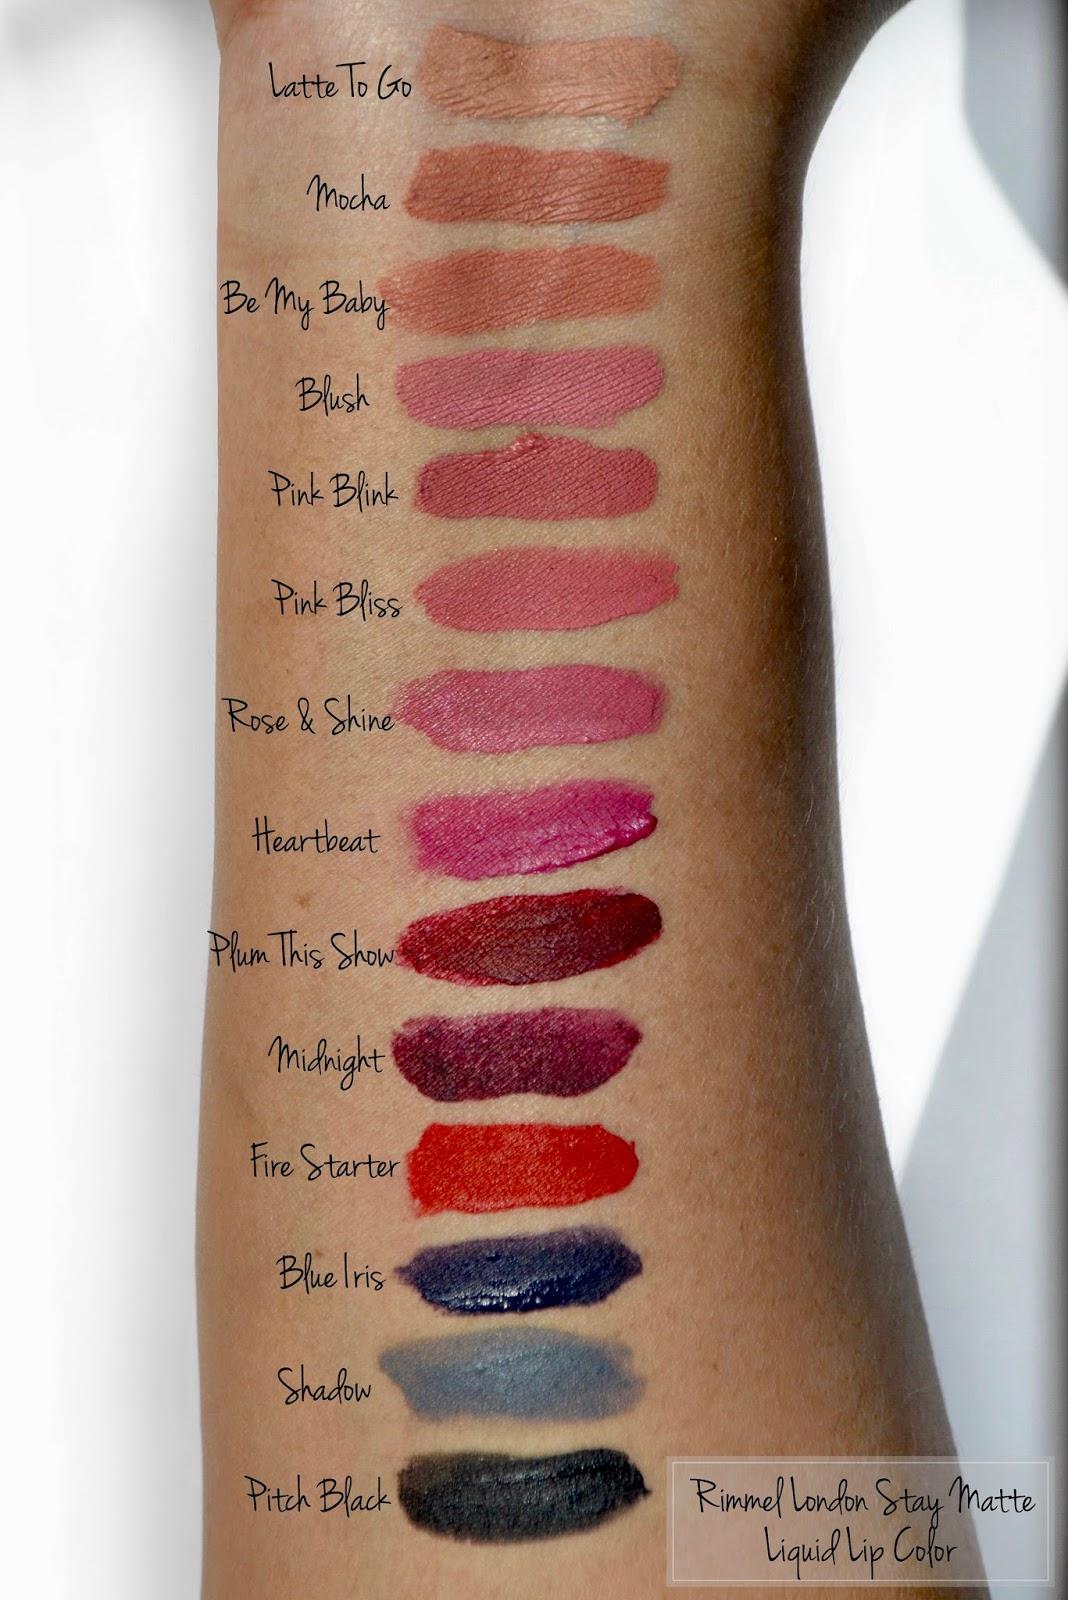 Rimmel London Stay Matte Liquid Lip Colour Review -8942